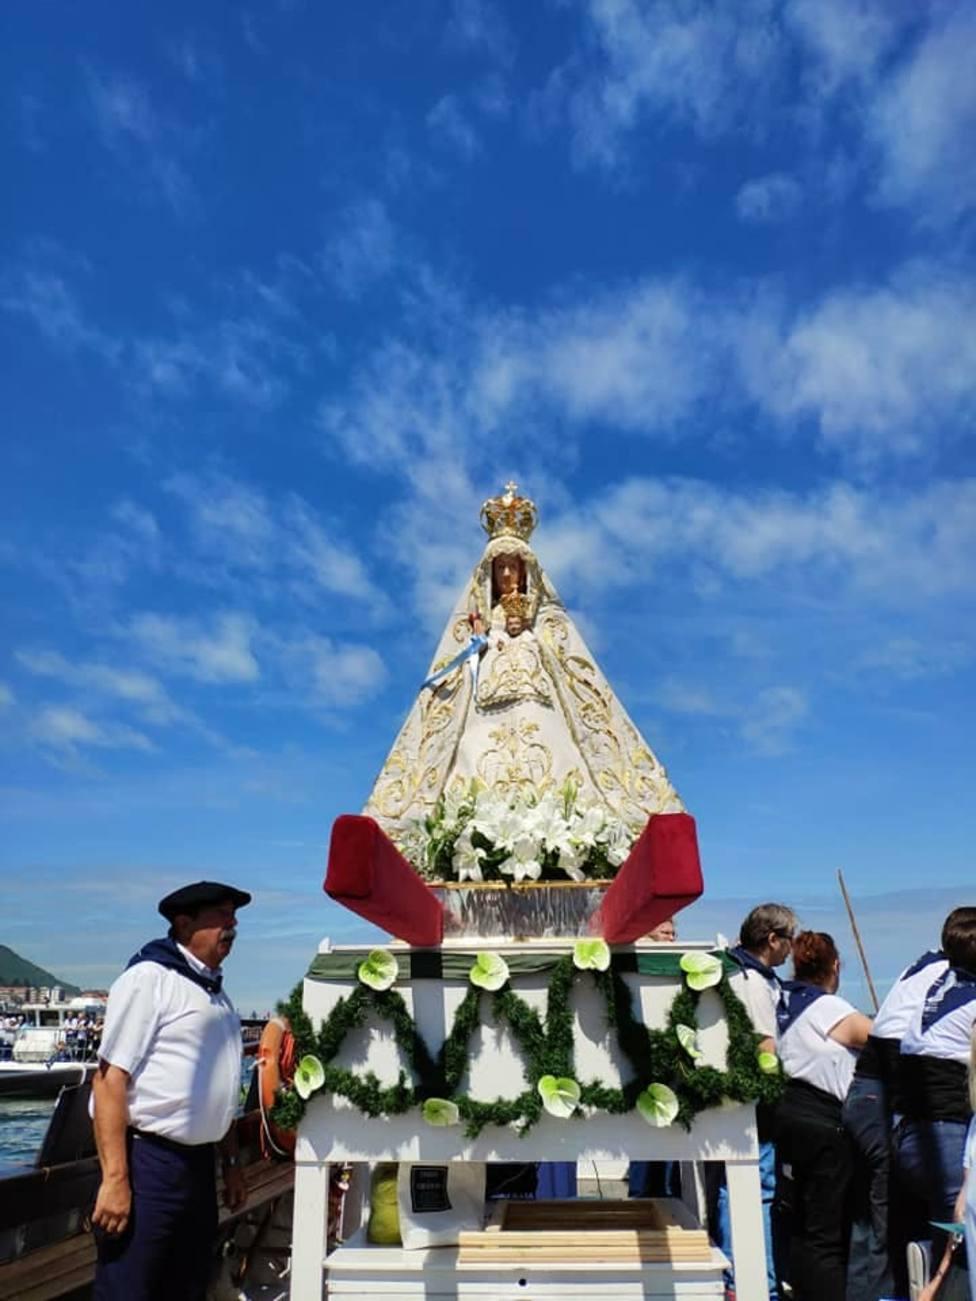 Peregrinación náutica de la Virgen de Begoña